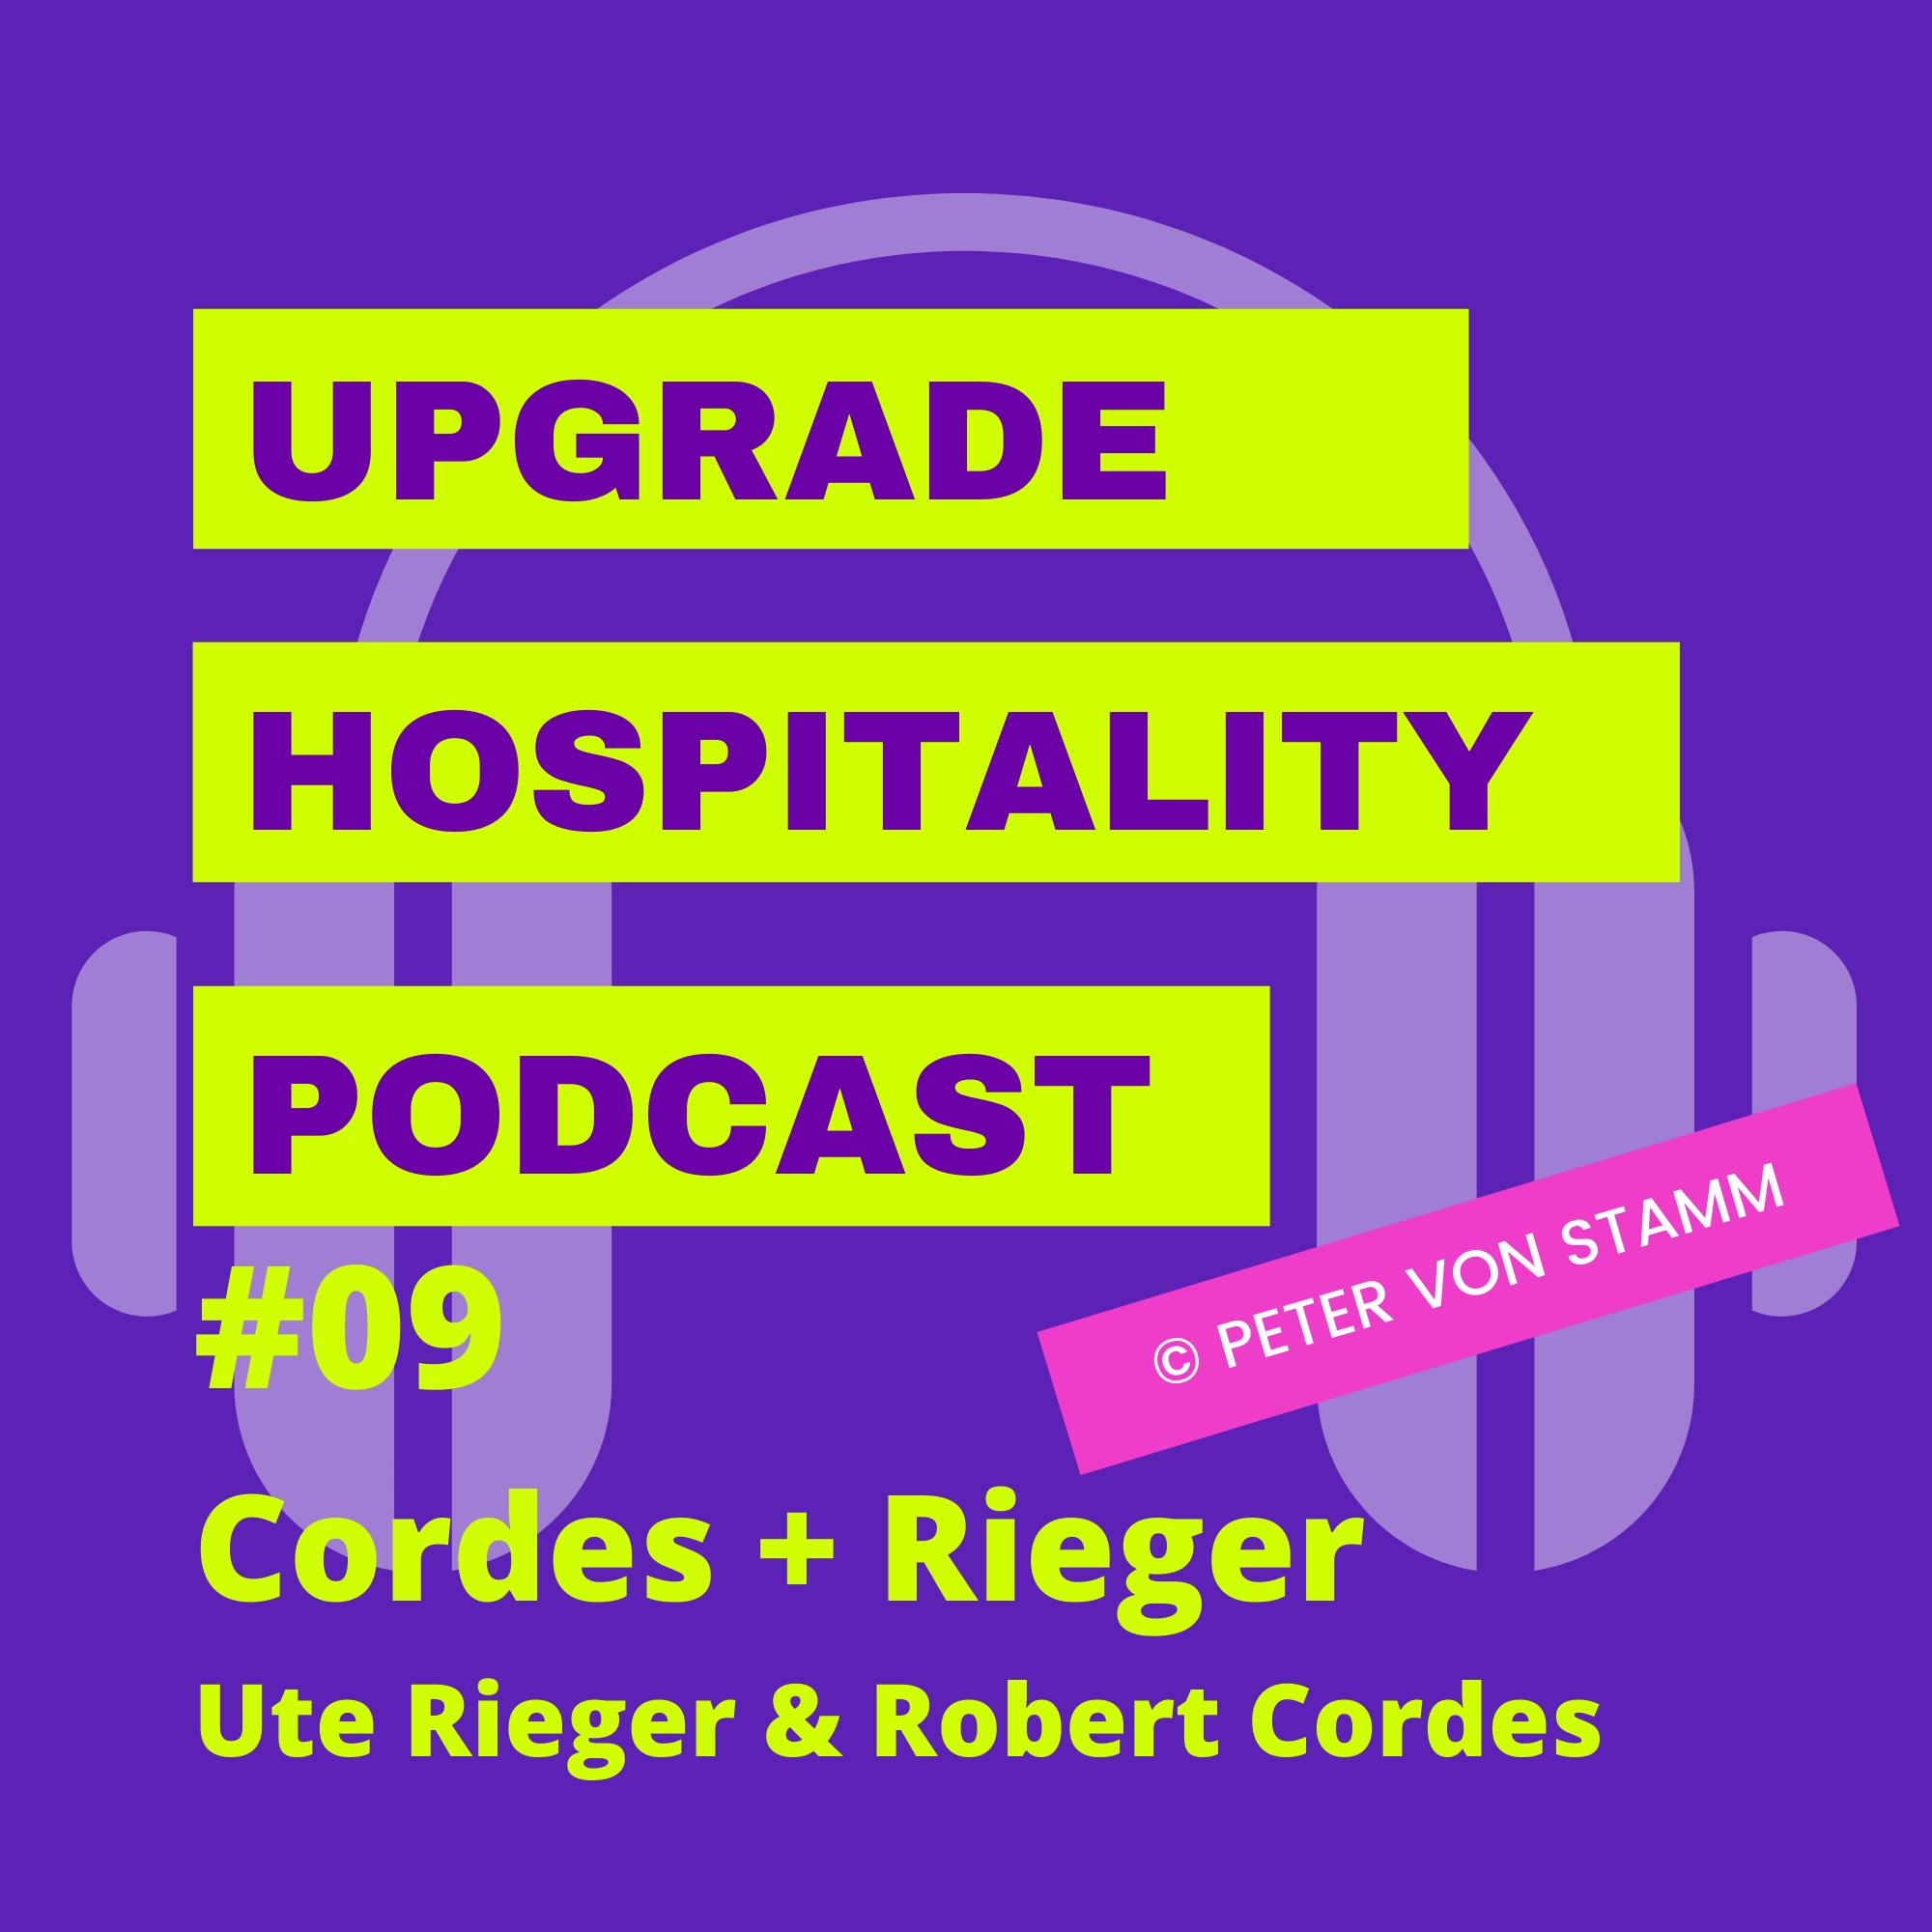 #09: Urlaub frei Schnauze und der Traum vom eigenen Hotel - Ute Rieger und Robert Cordes klären auf